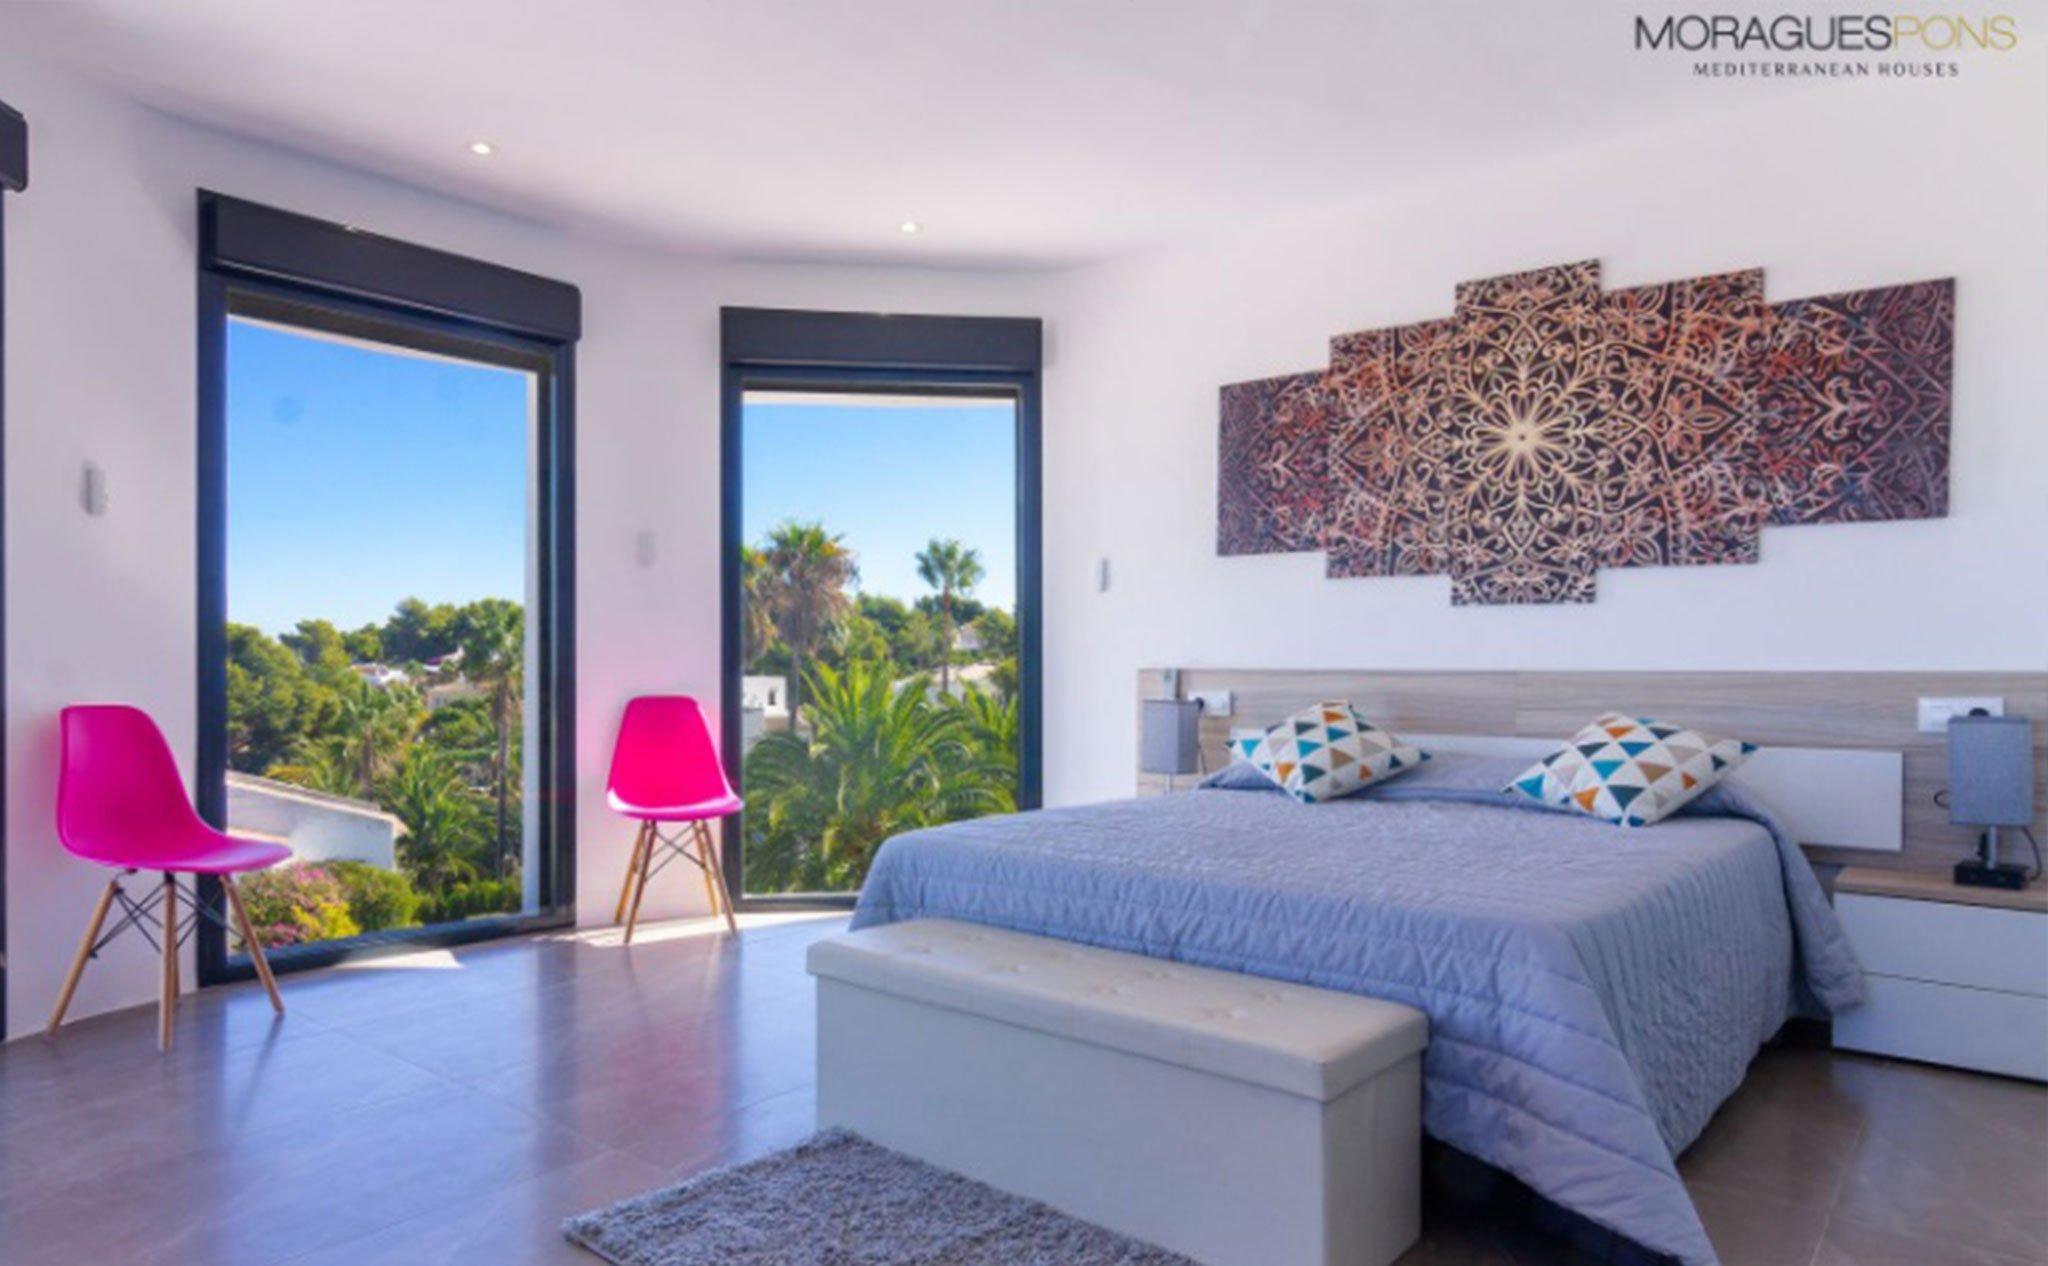 Habitación en una villa en venta en Jávea en la zona de Cap Martí – Pinomar – MORAGUESPONS Mediterranean Houses